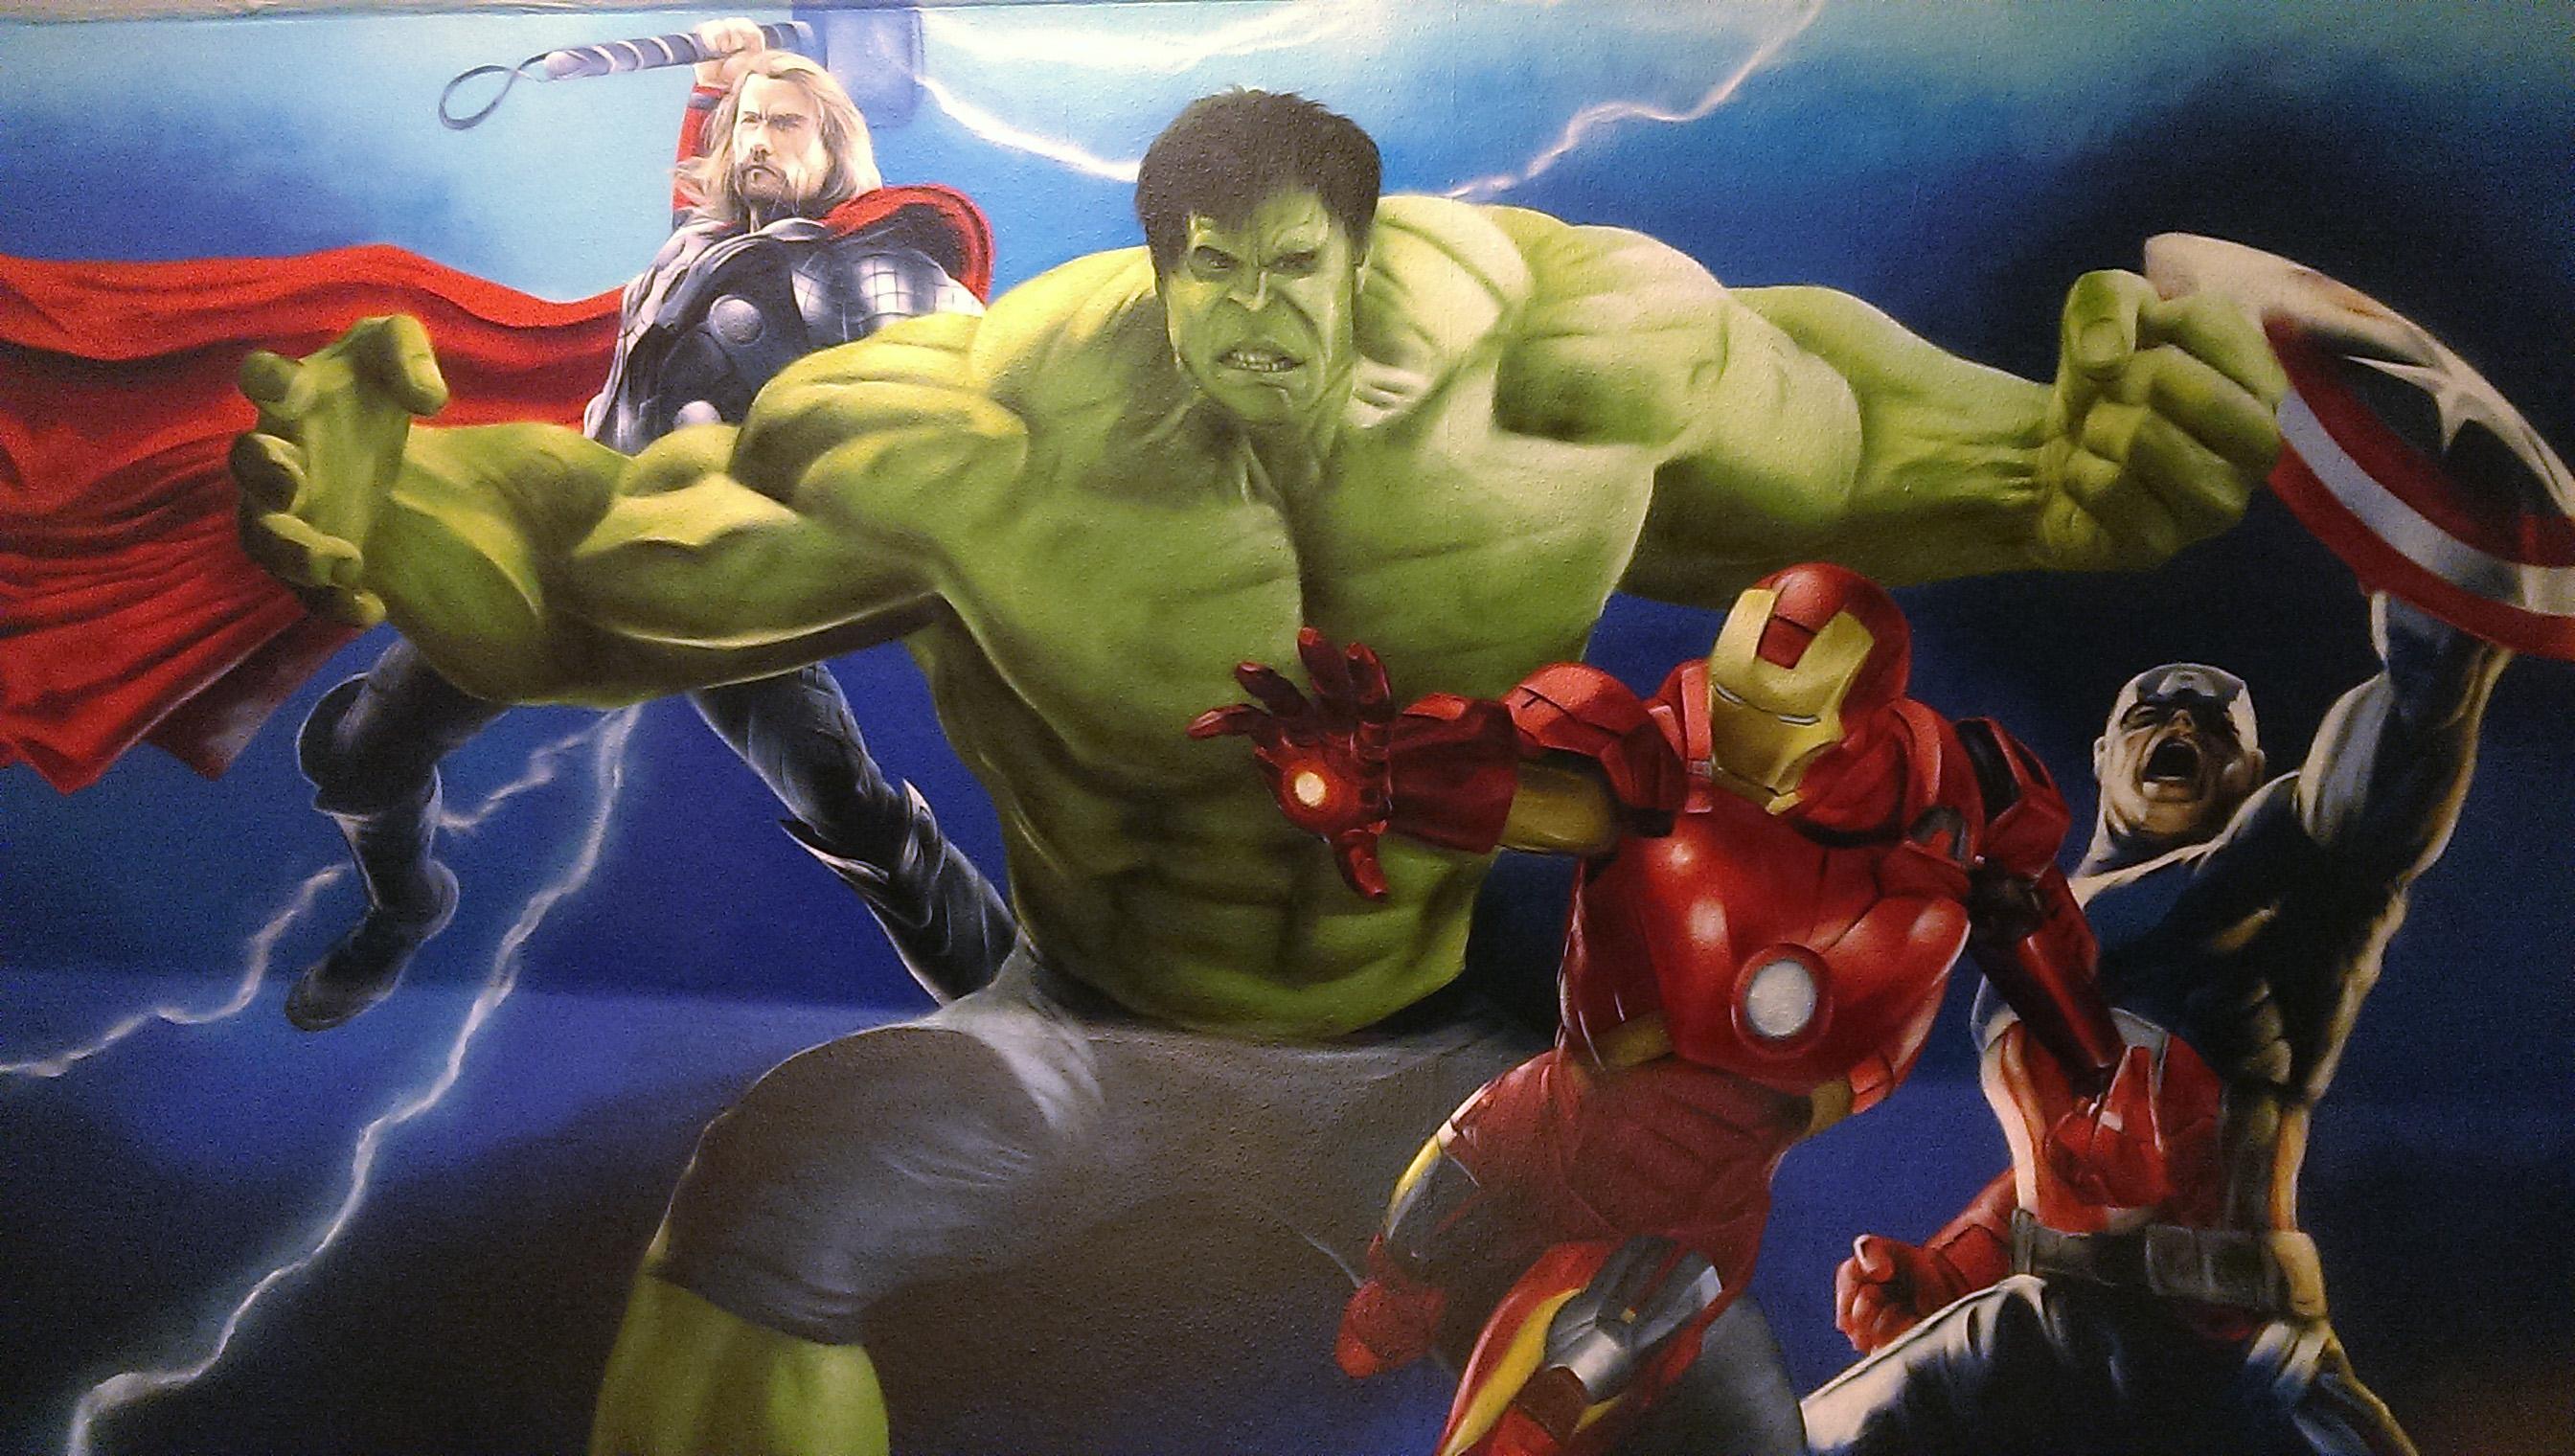 Avengers finished